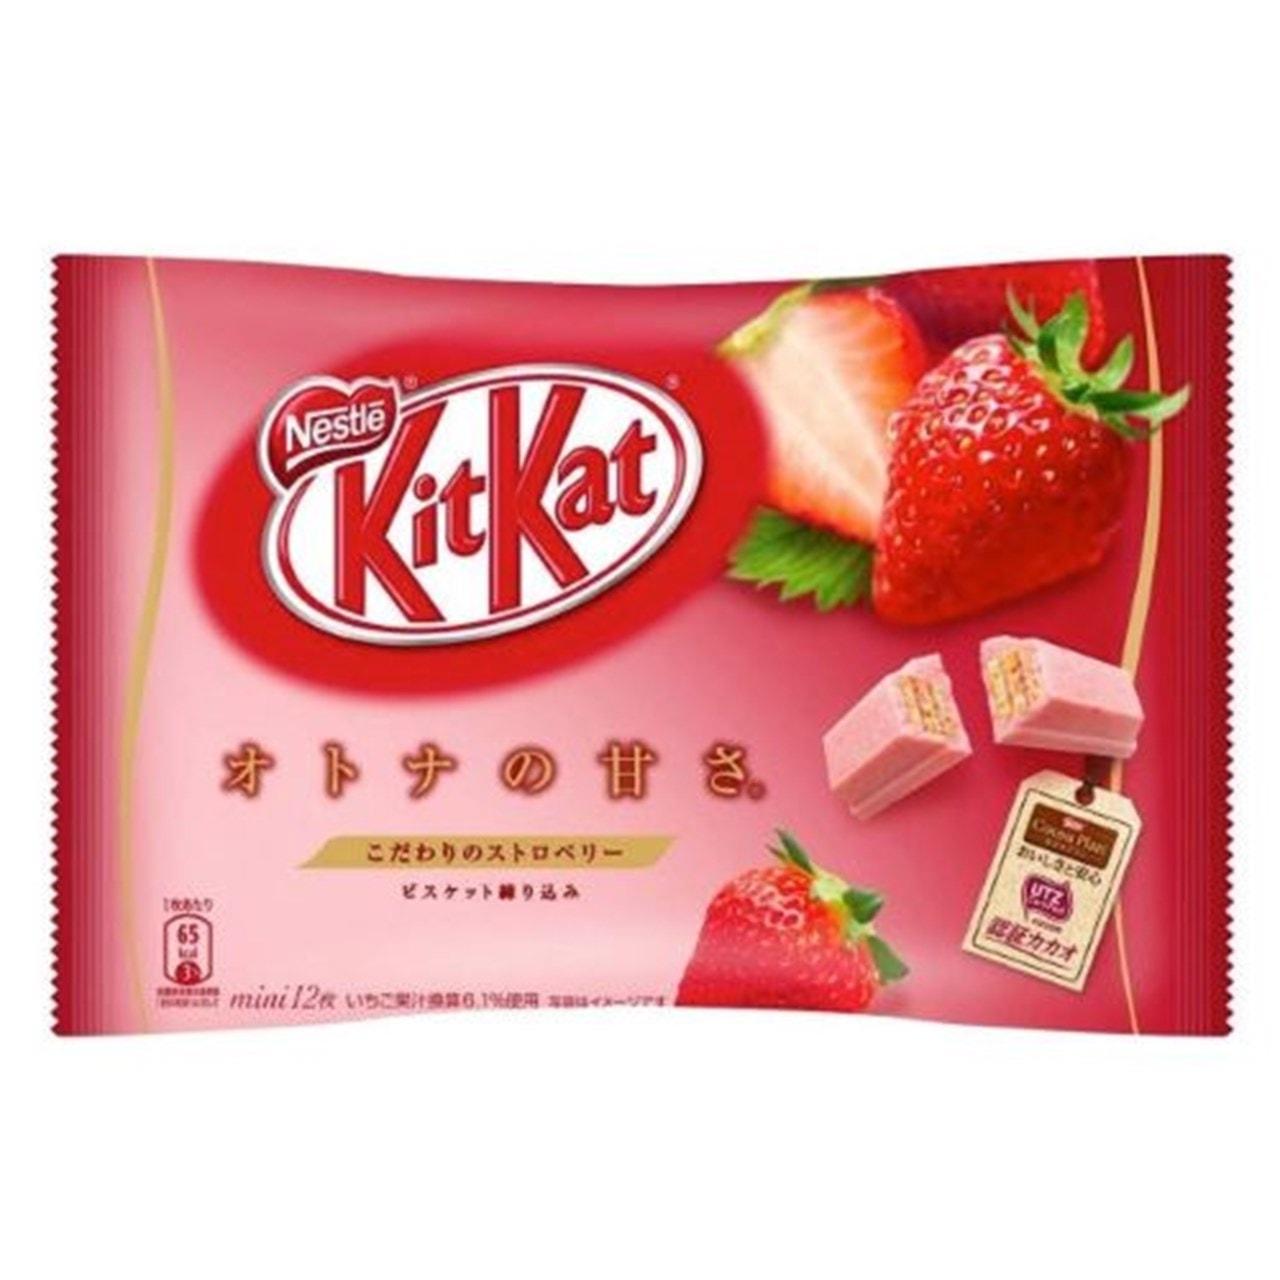 Kit Kat Strawberry: Mini Share Pack of 12 - 1